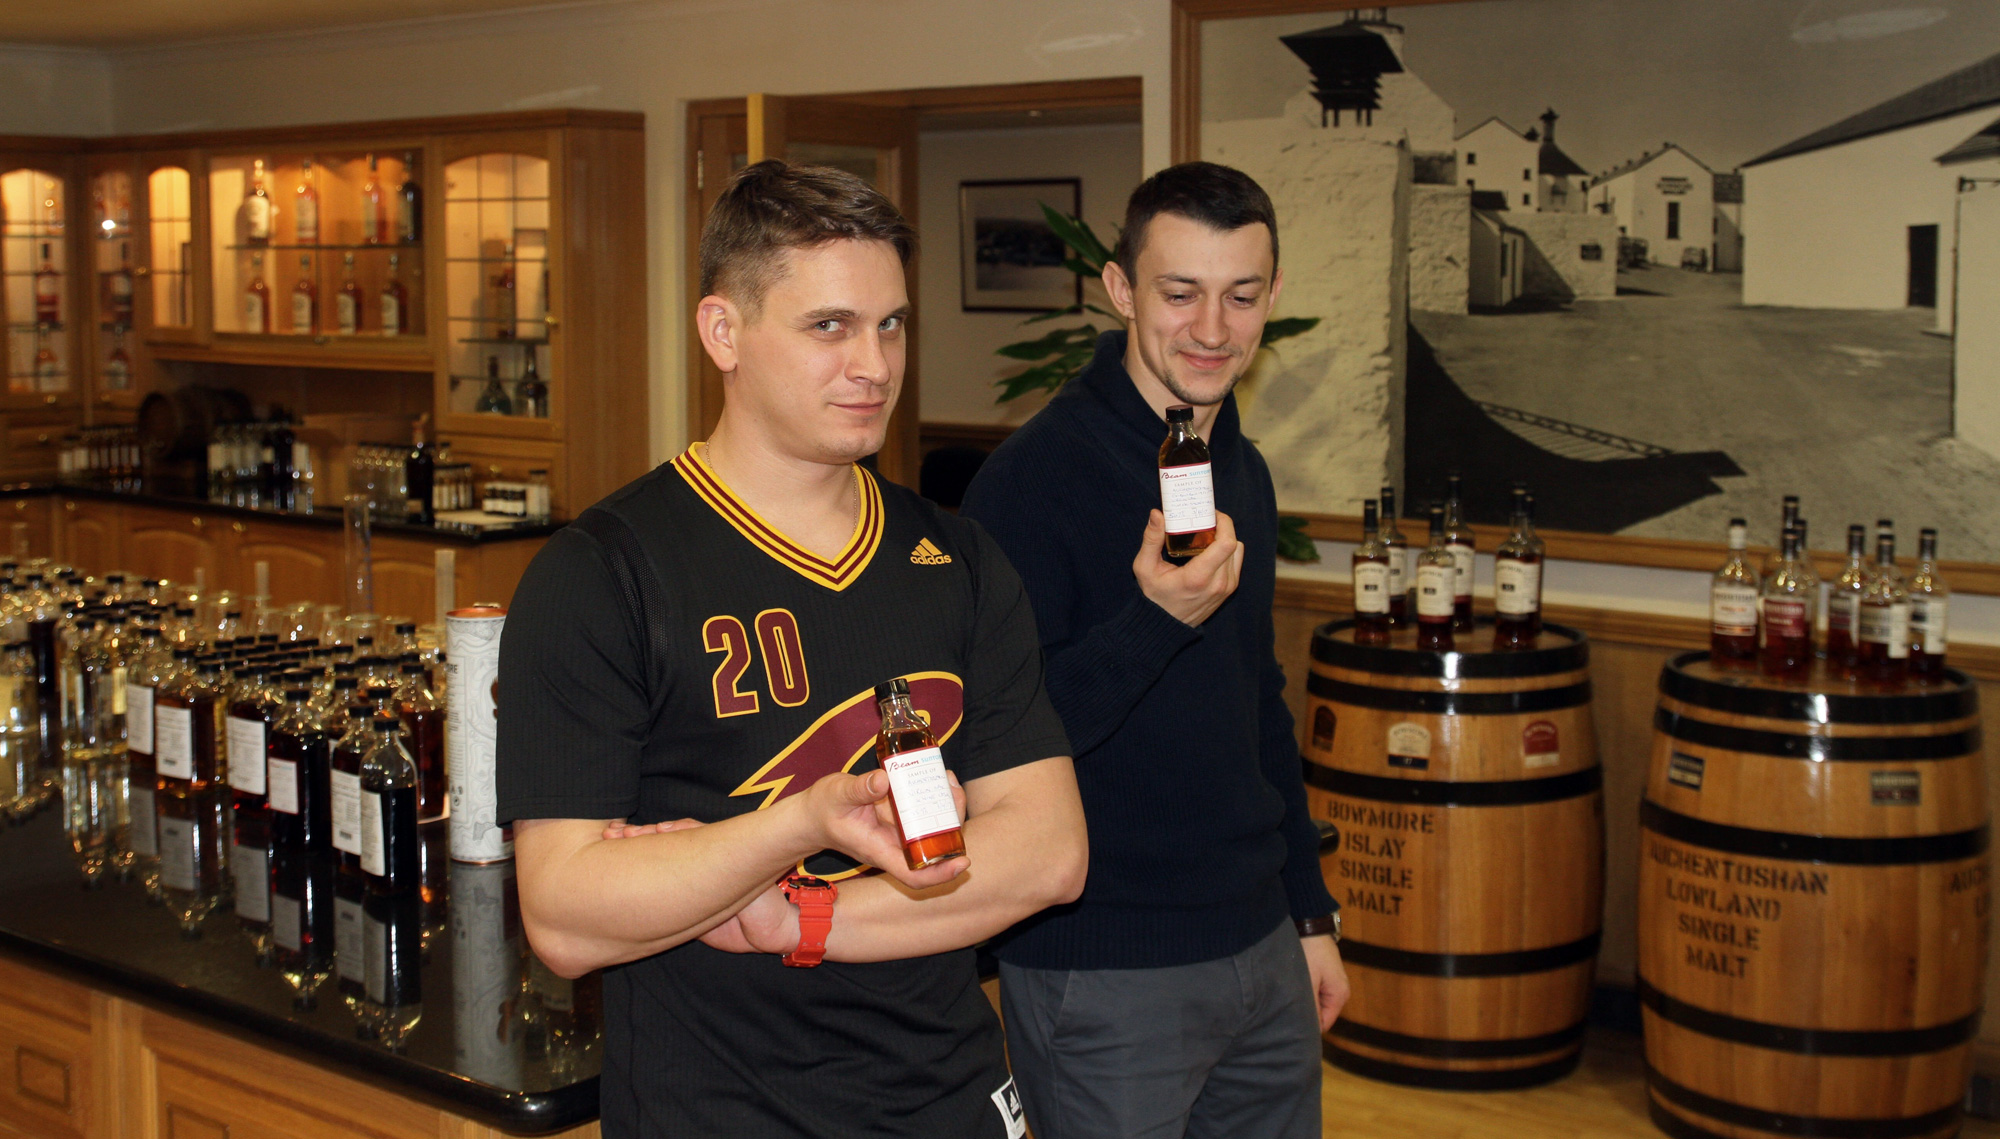 Никита Курочкин и Кирилл Ивашков в лаборатории Auchentoshan